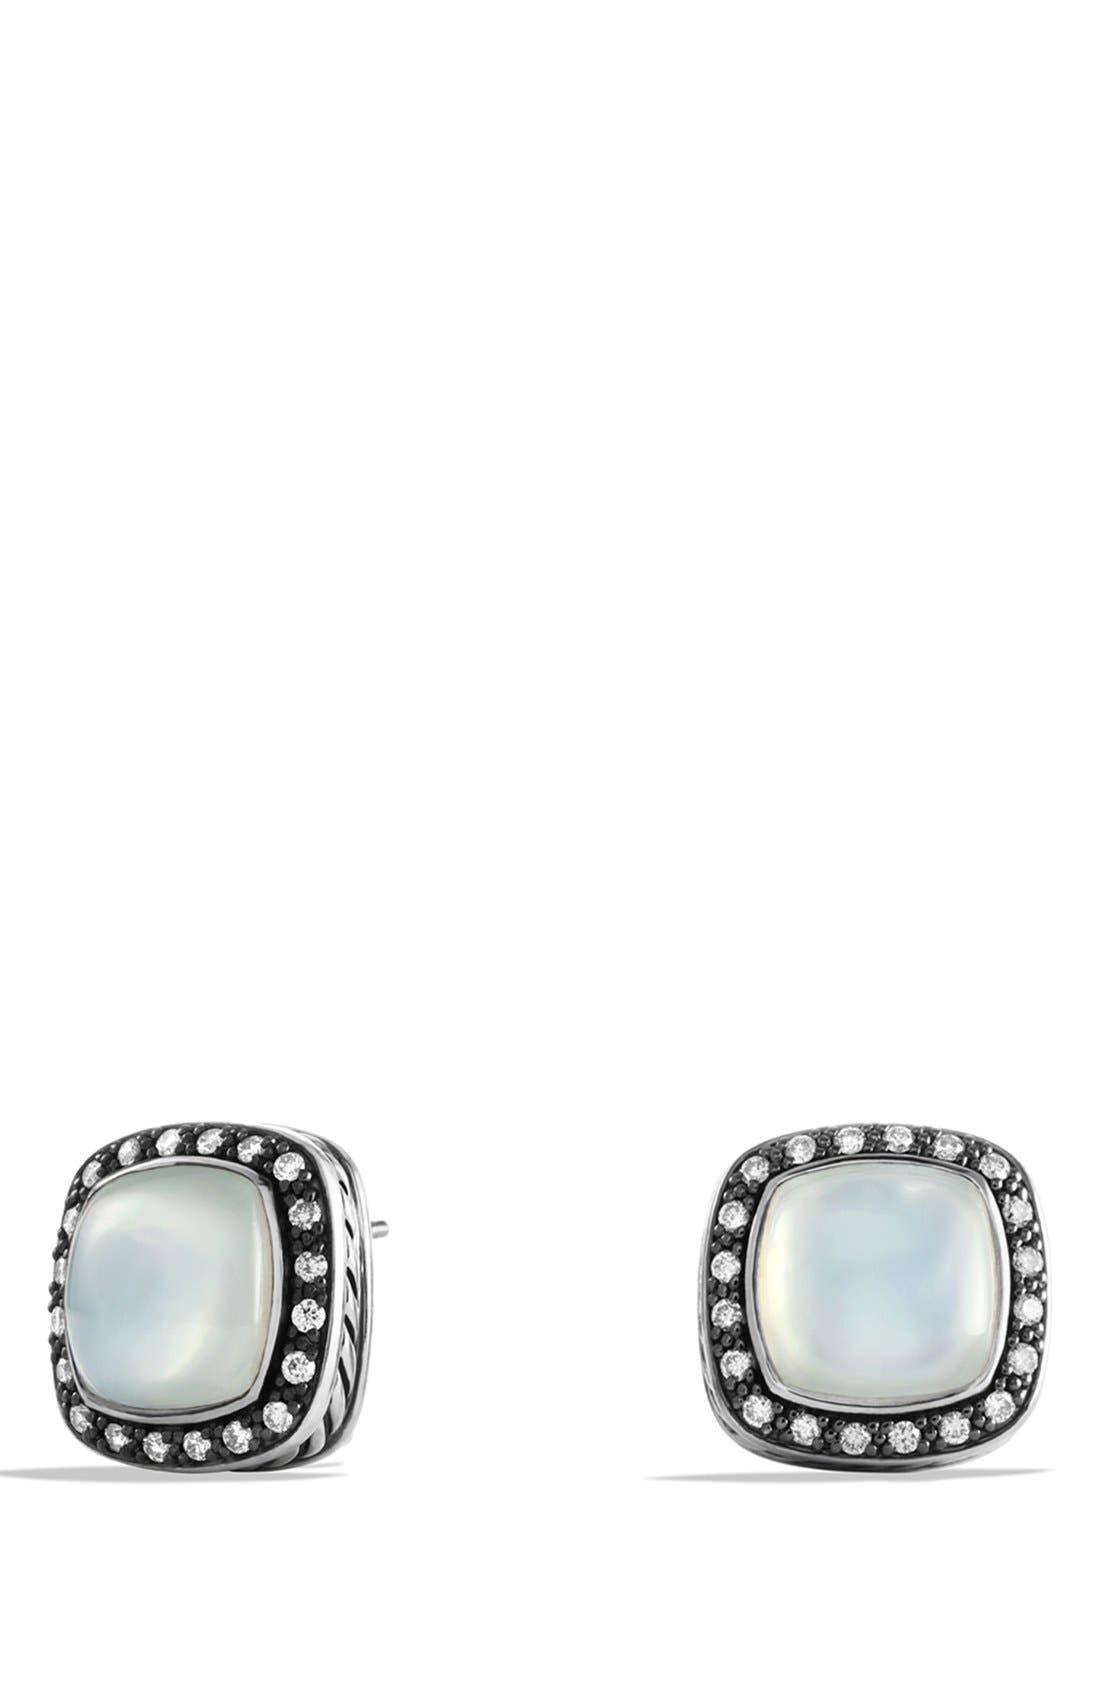 Main Image - David Yurman 'Midnight Mélange' Pavé Diamond Earrings